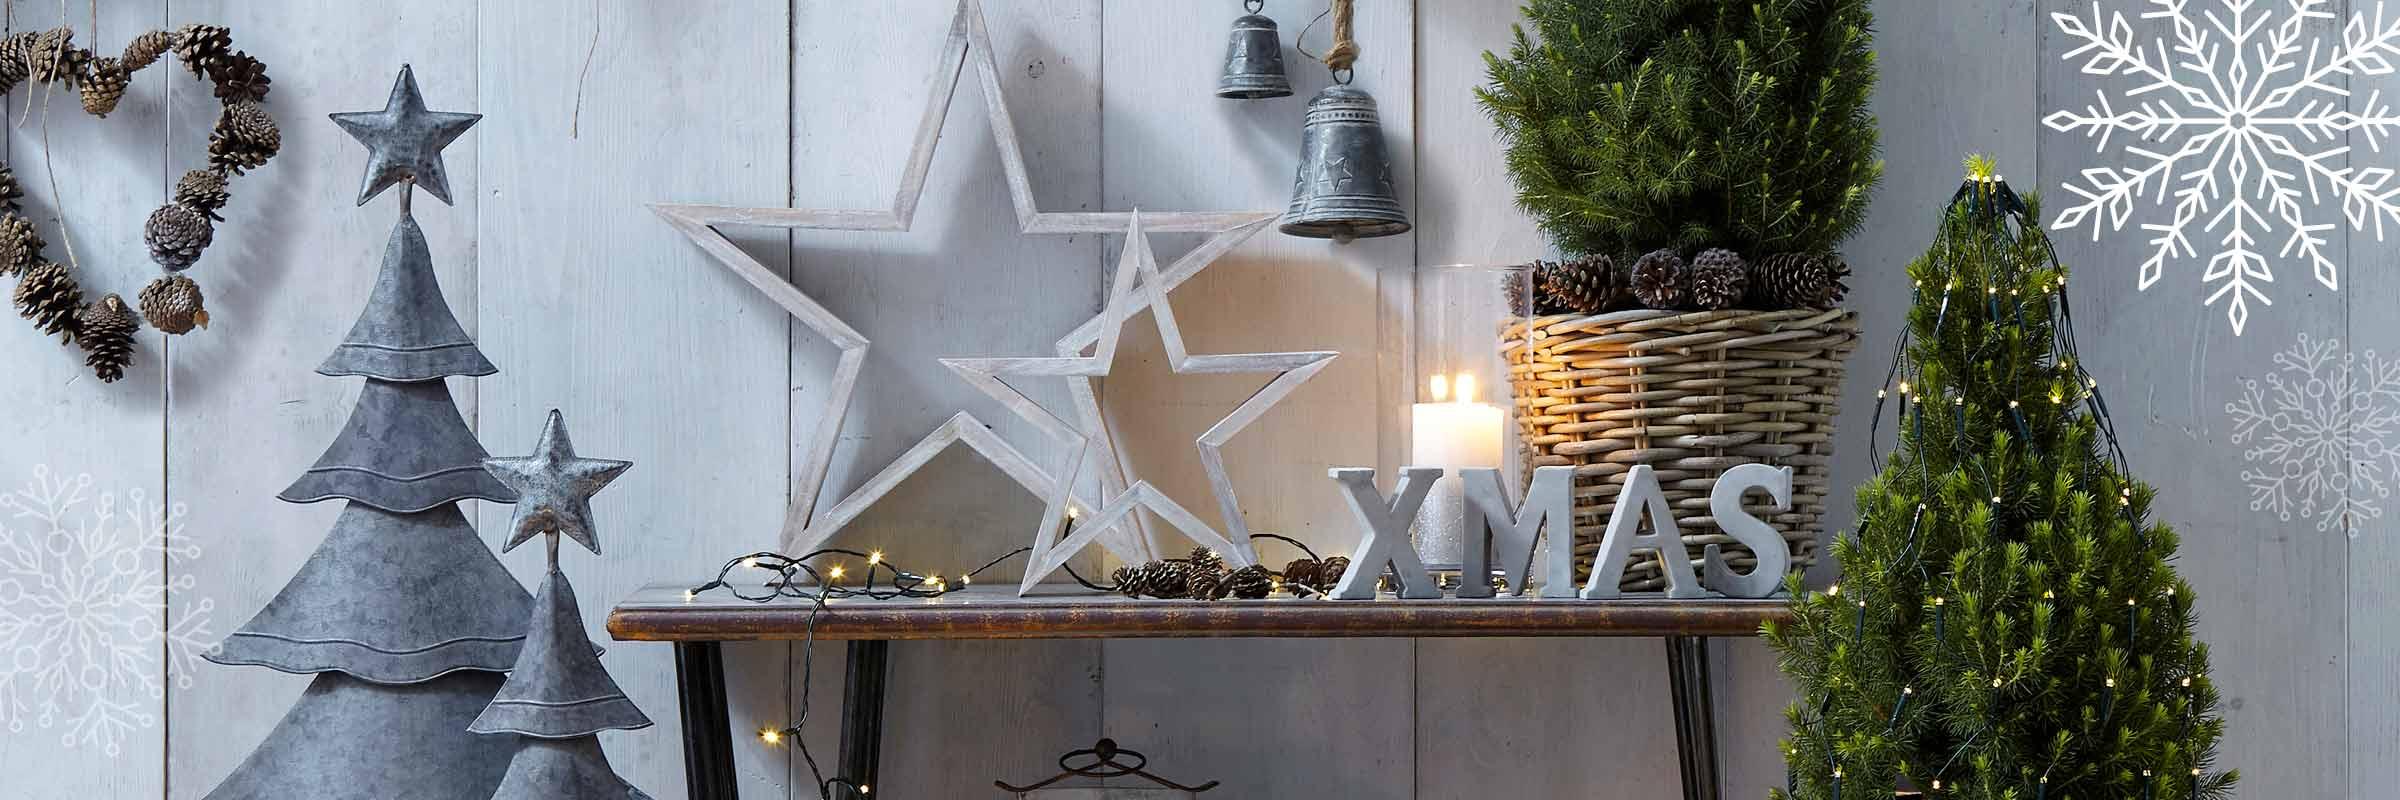 Dehner Christbaumkugeln.Weihnachten Mit Top Artikel Im Online Shop Dehner